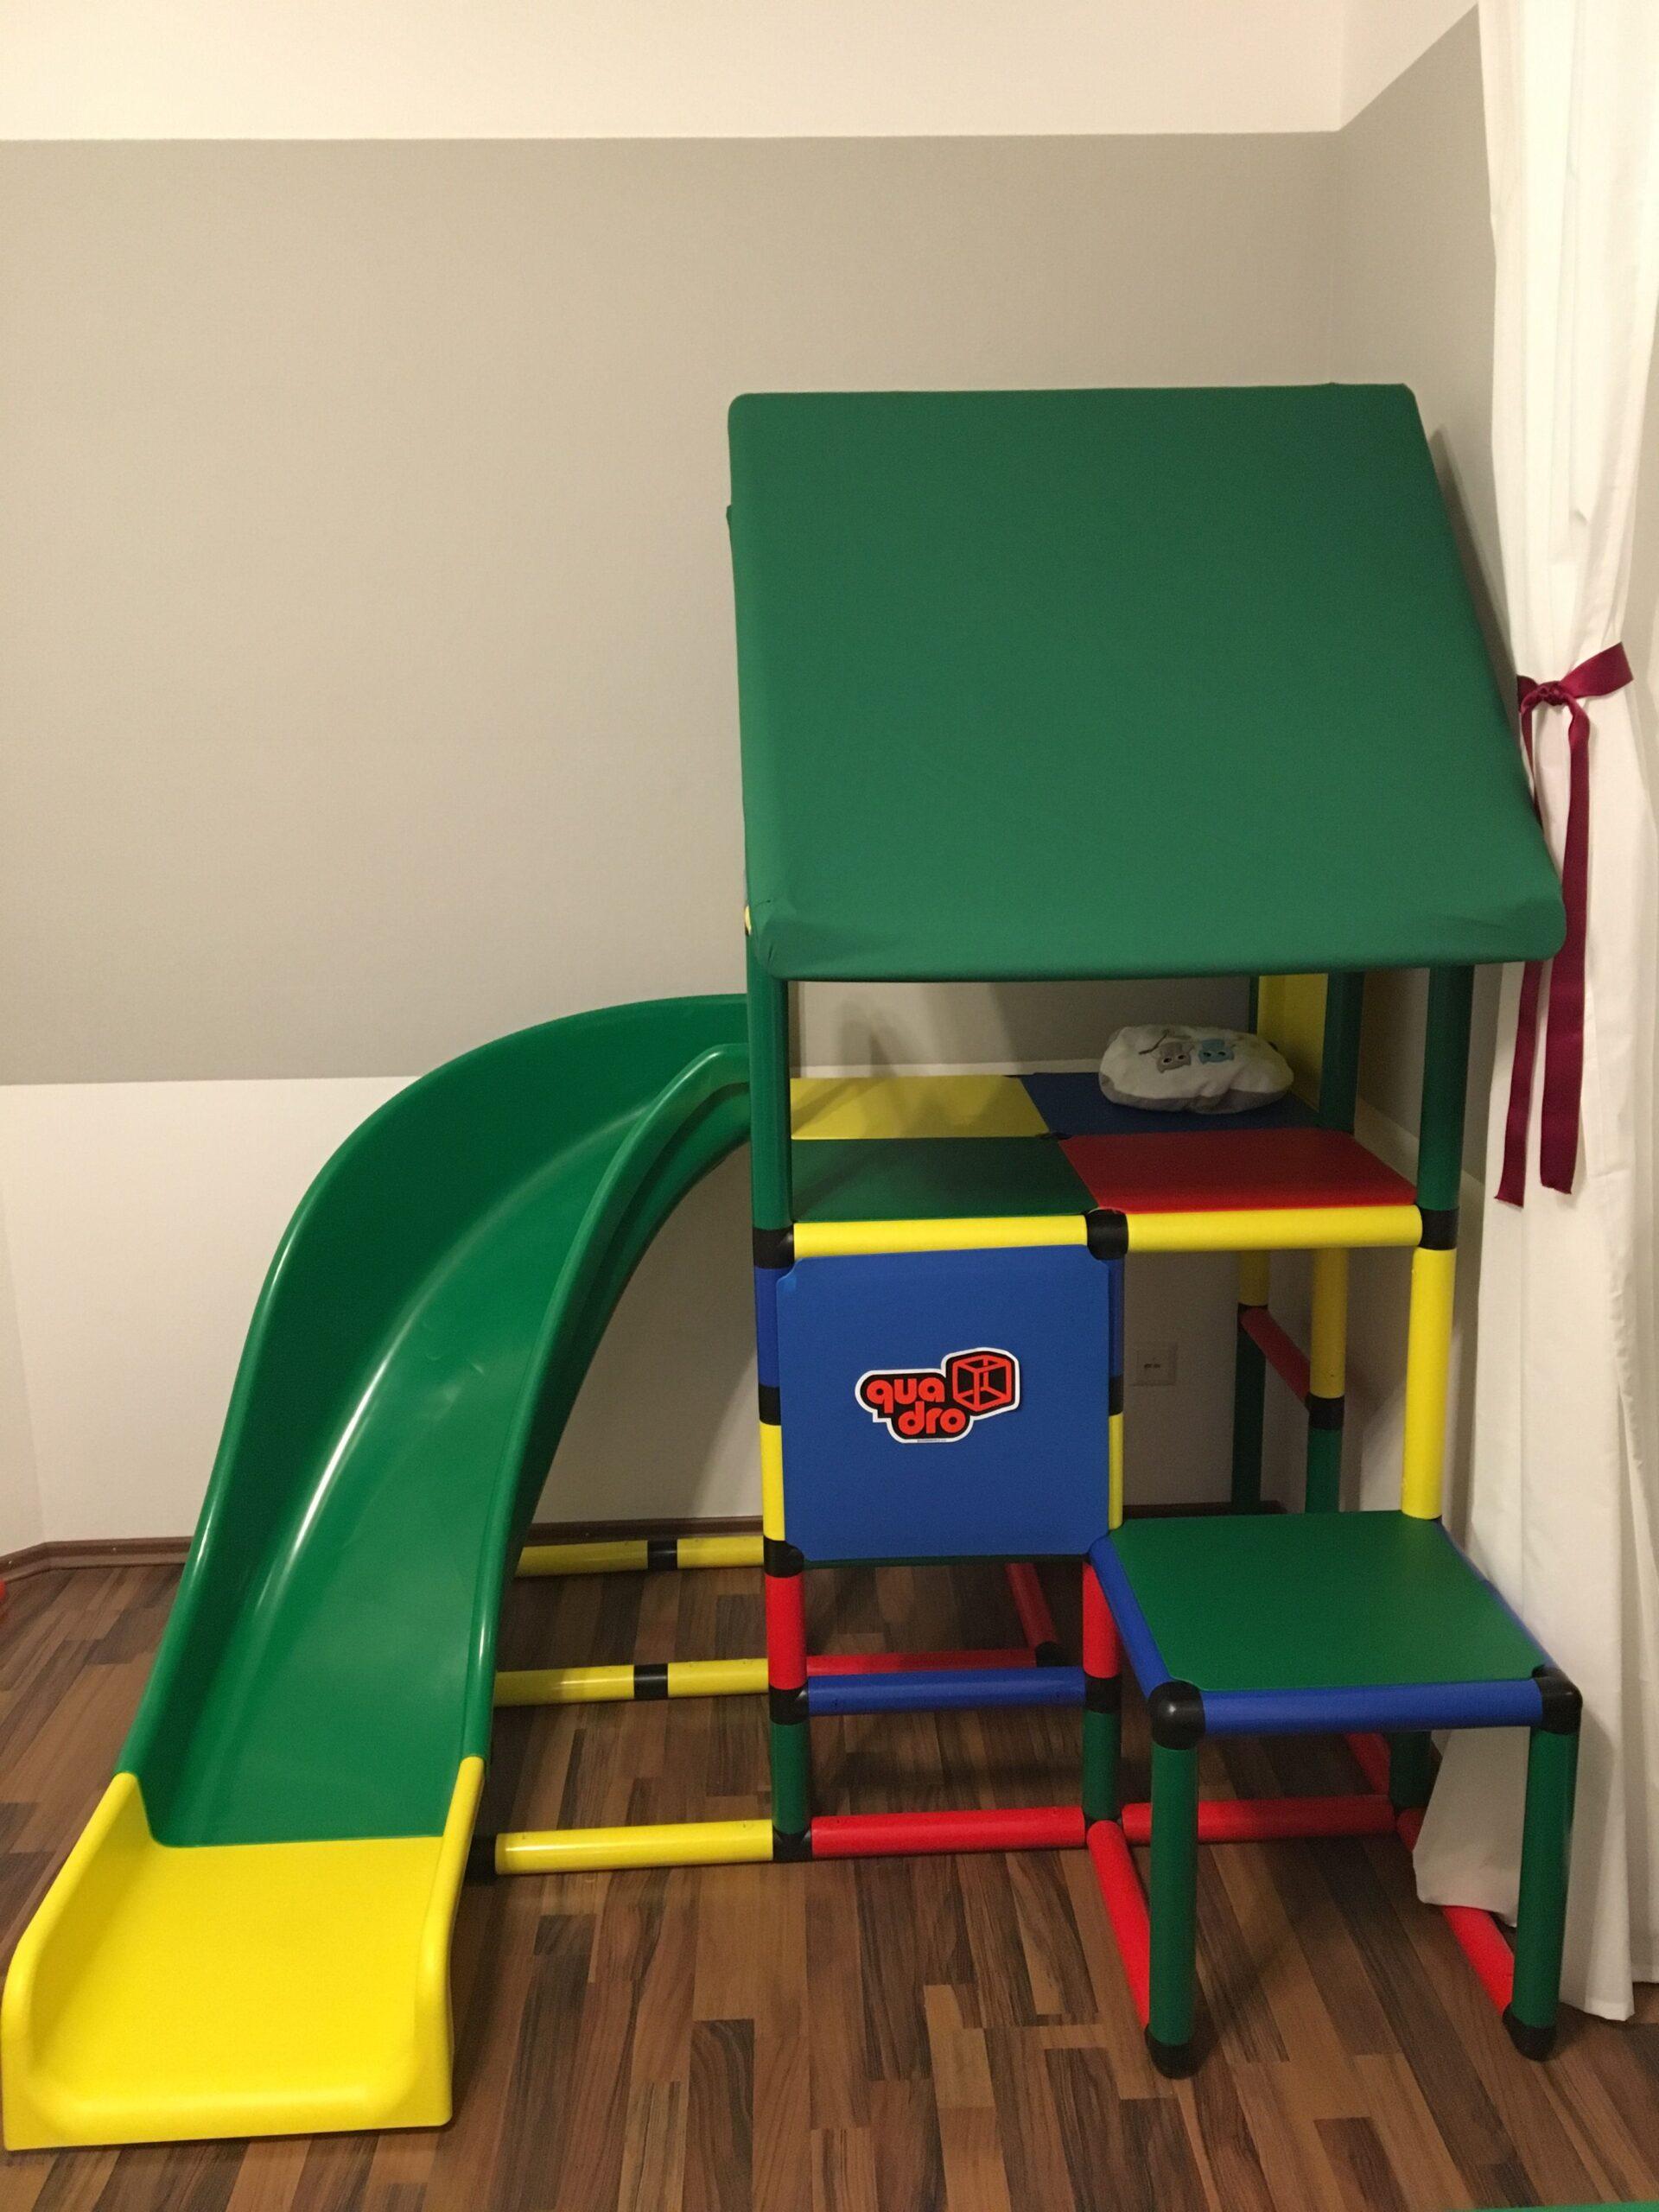 Full Size of Kidwood Klettergerüst Indoor Klettergerst Von Quadro Frs Kinderzimmer Einfach Super Garten Wohnzimmer Kidwood Klettergerüst